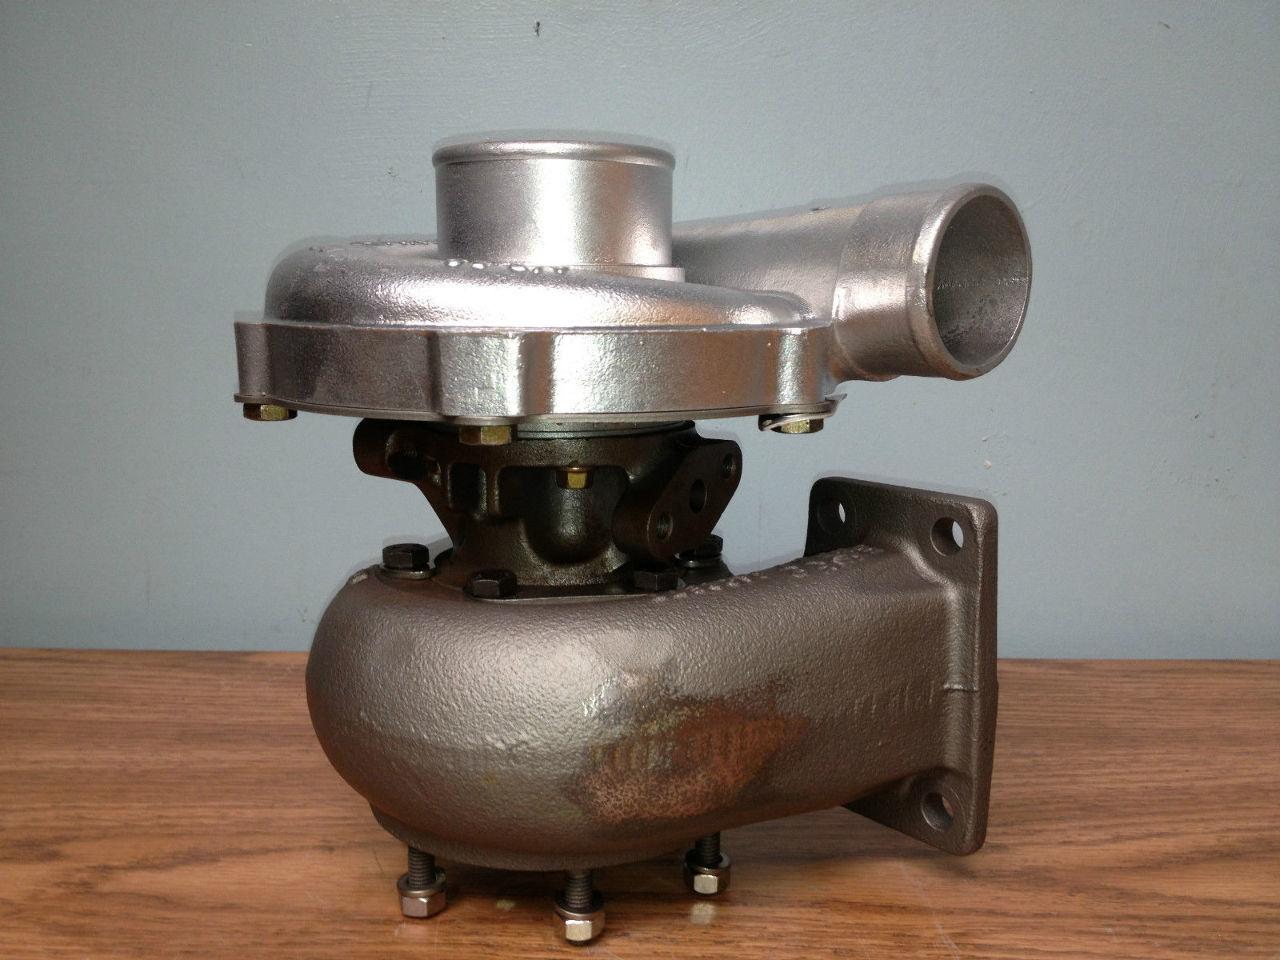 Turbo for Perkins T6.60 Engine - Garrett #452077-9007 - OEM #2674A148